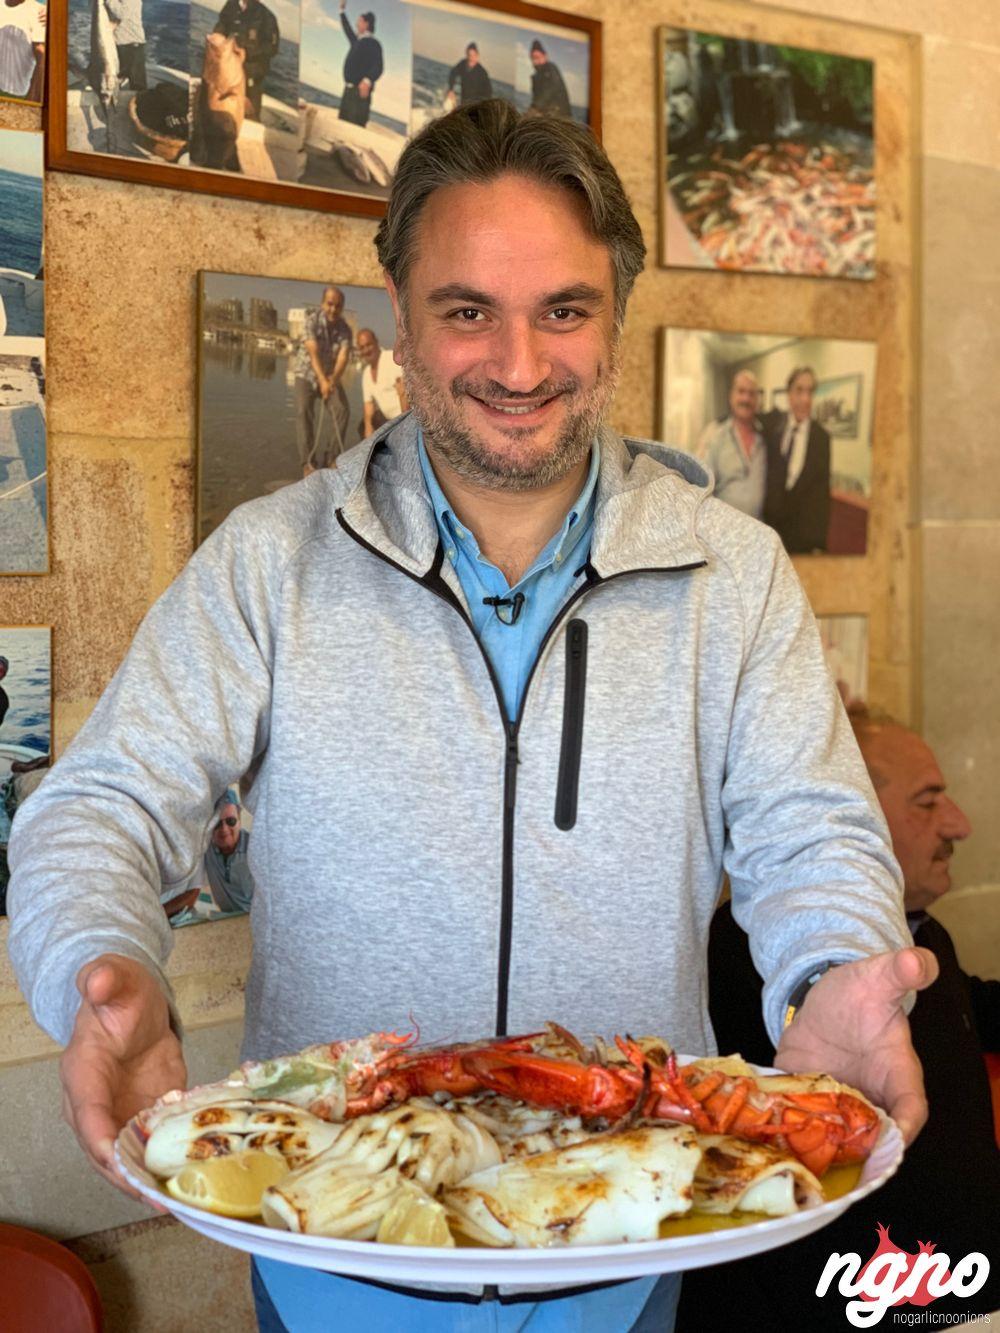 gerge-dayaa-seafood-nogarlicnoonions-632019-02-06-10-18-57